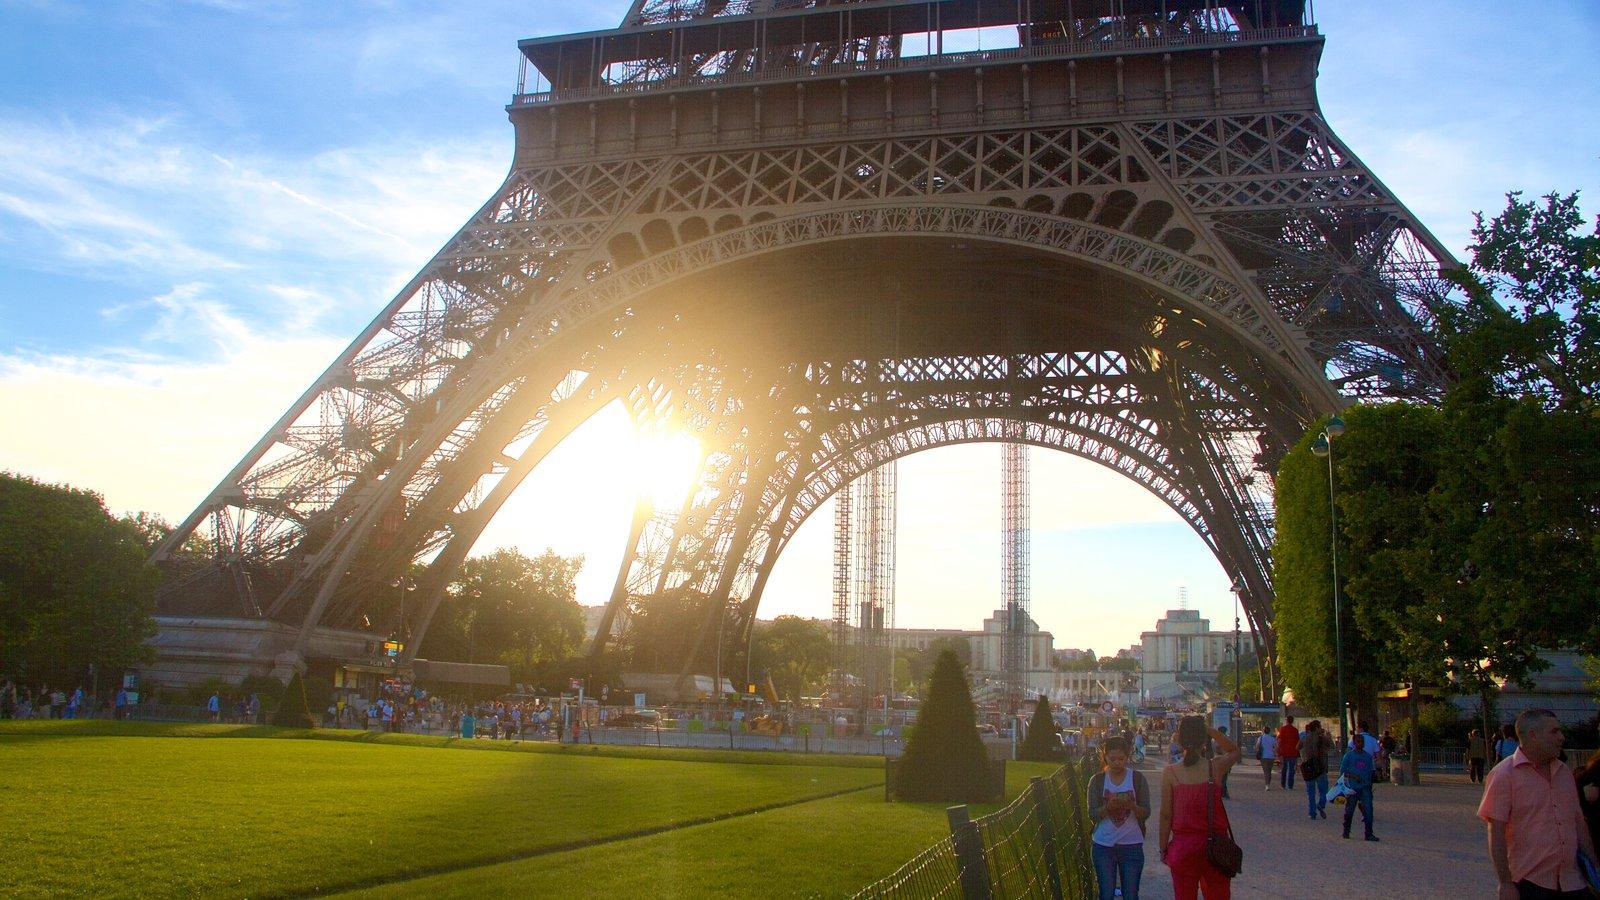 Torre Eiffel que inclui um monumento, elementos de patrimônio e um jardim